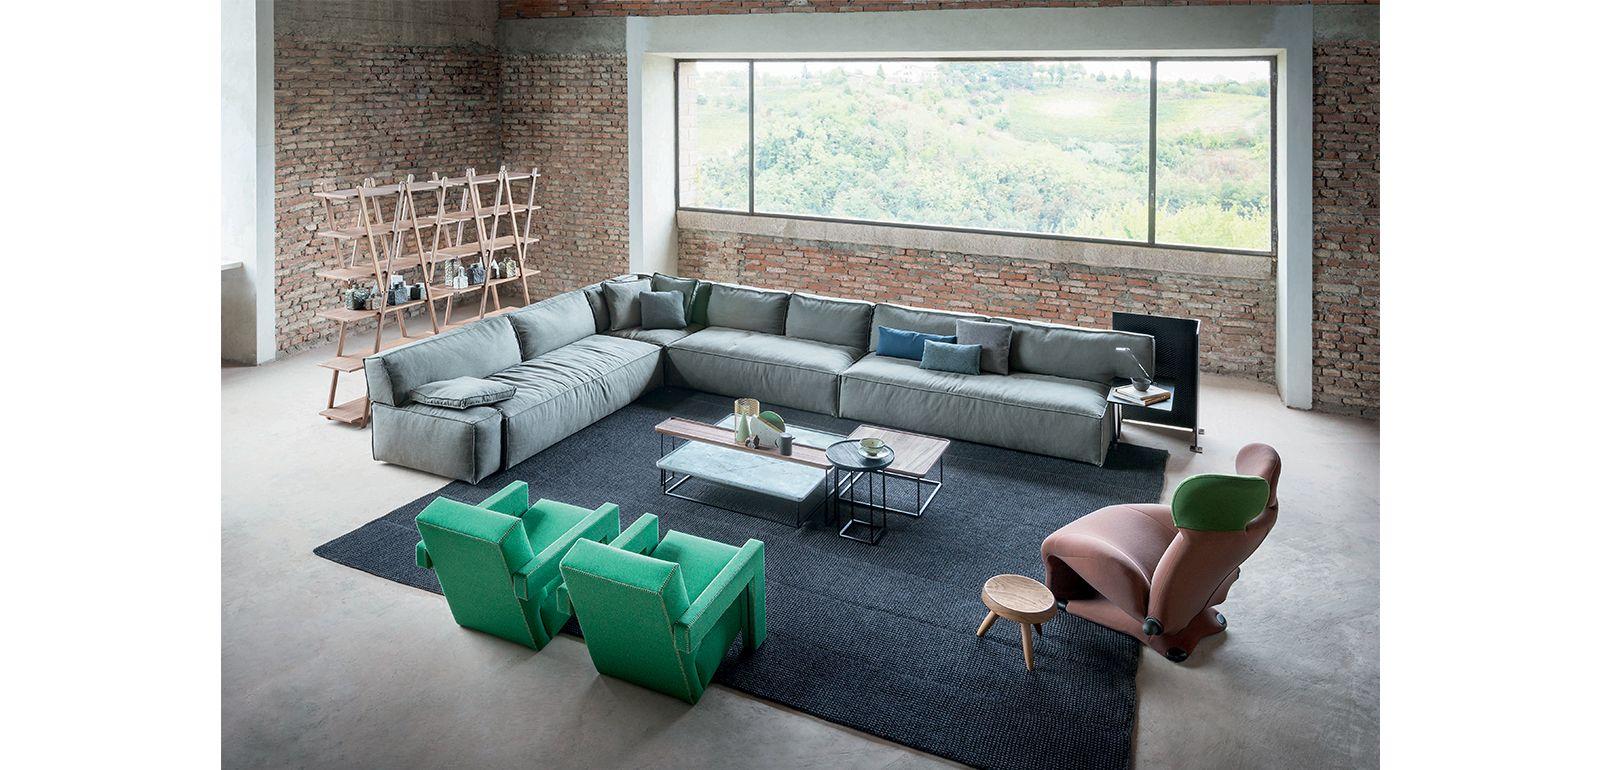 Meuble design pour l 39 habitat mobilier pour la maison for Canape starck cassina